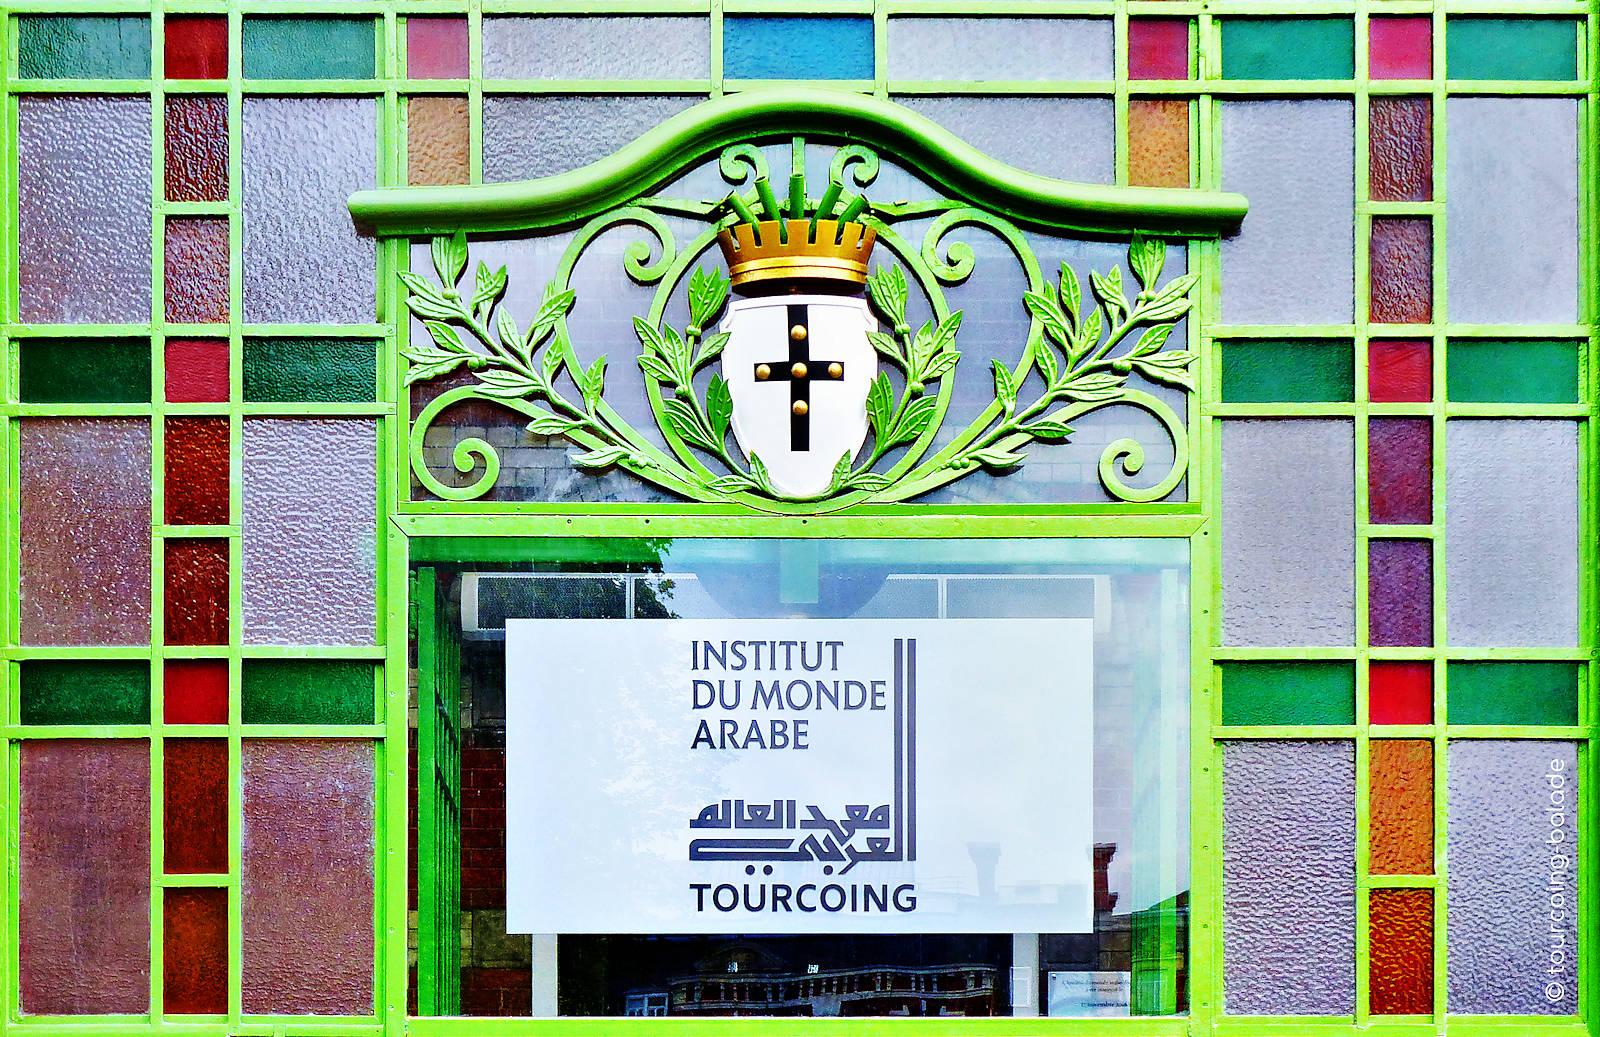 Institut du Monde Arabe, Tourcoing - Entrée Principale.